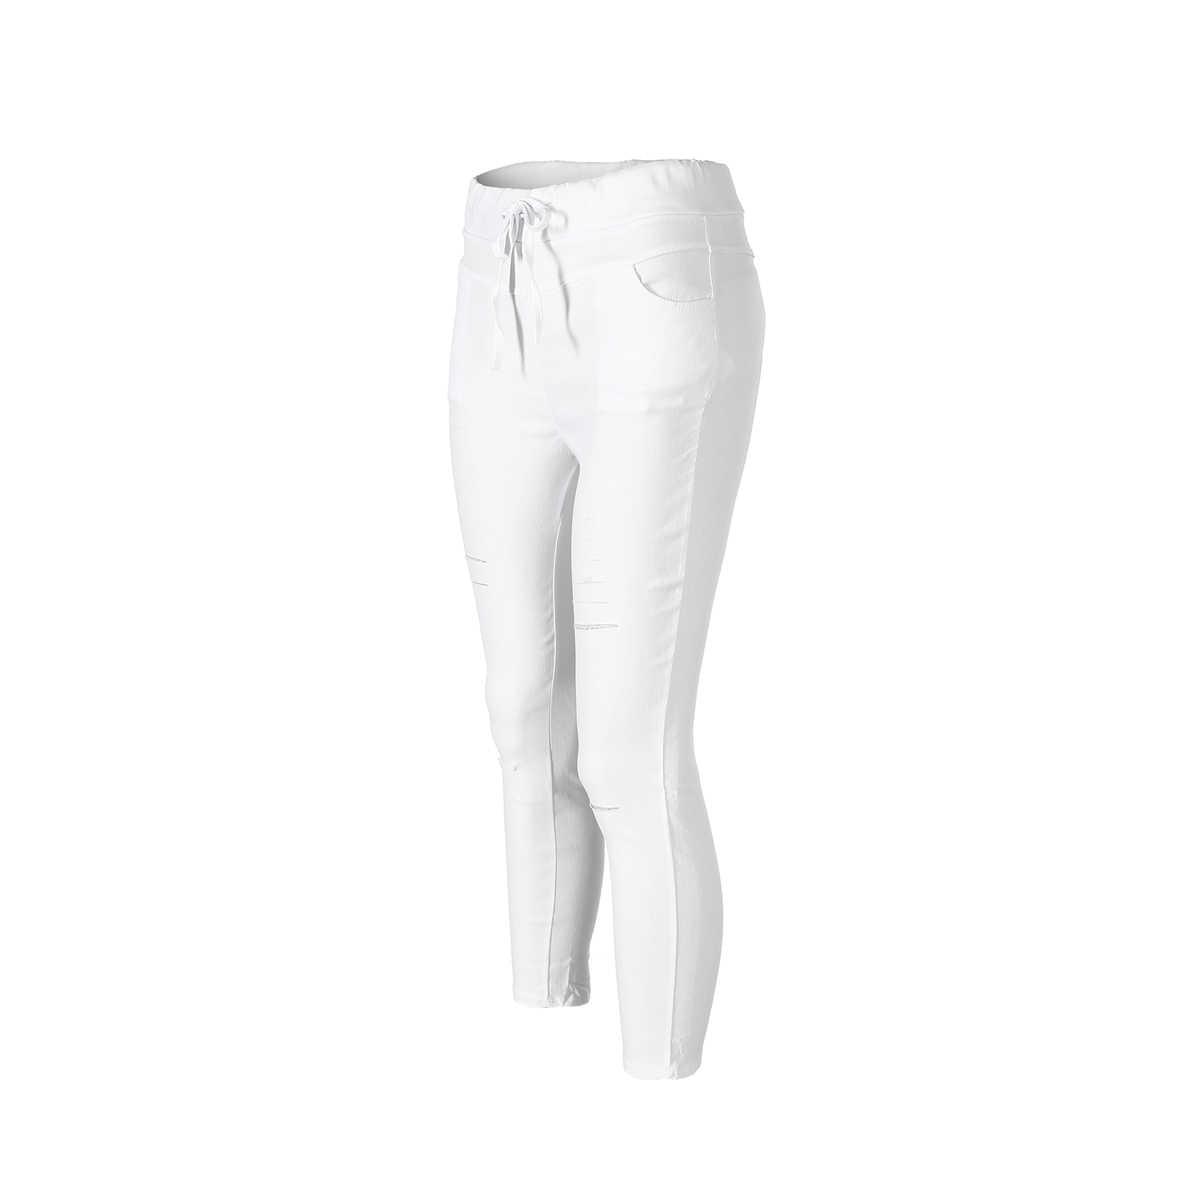 새로운 여성 스키니 찢어진 무릎 구멍 붕대 청바지 솔리드 ciolor fahsion 바지 높은 허리 스트레치 슬림 연필 바지